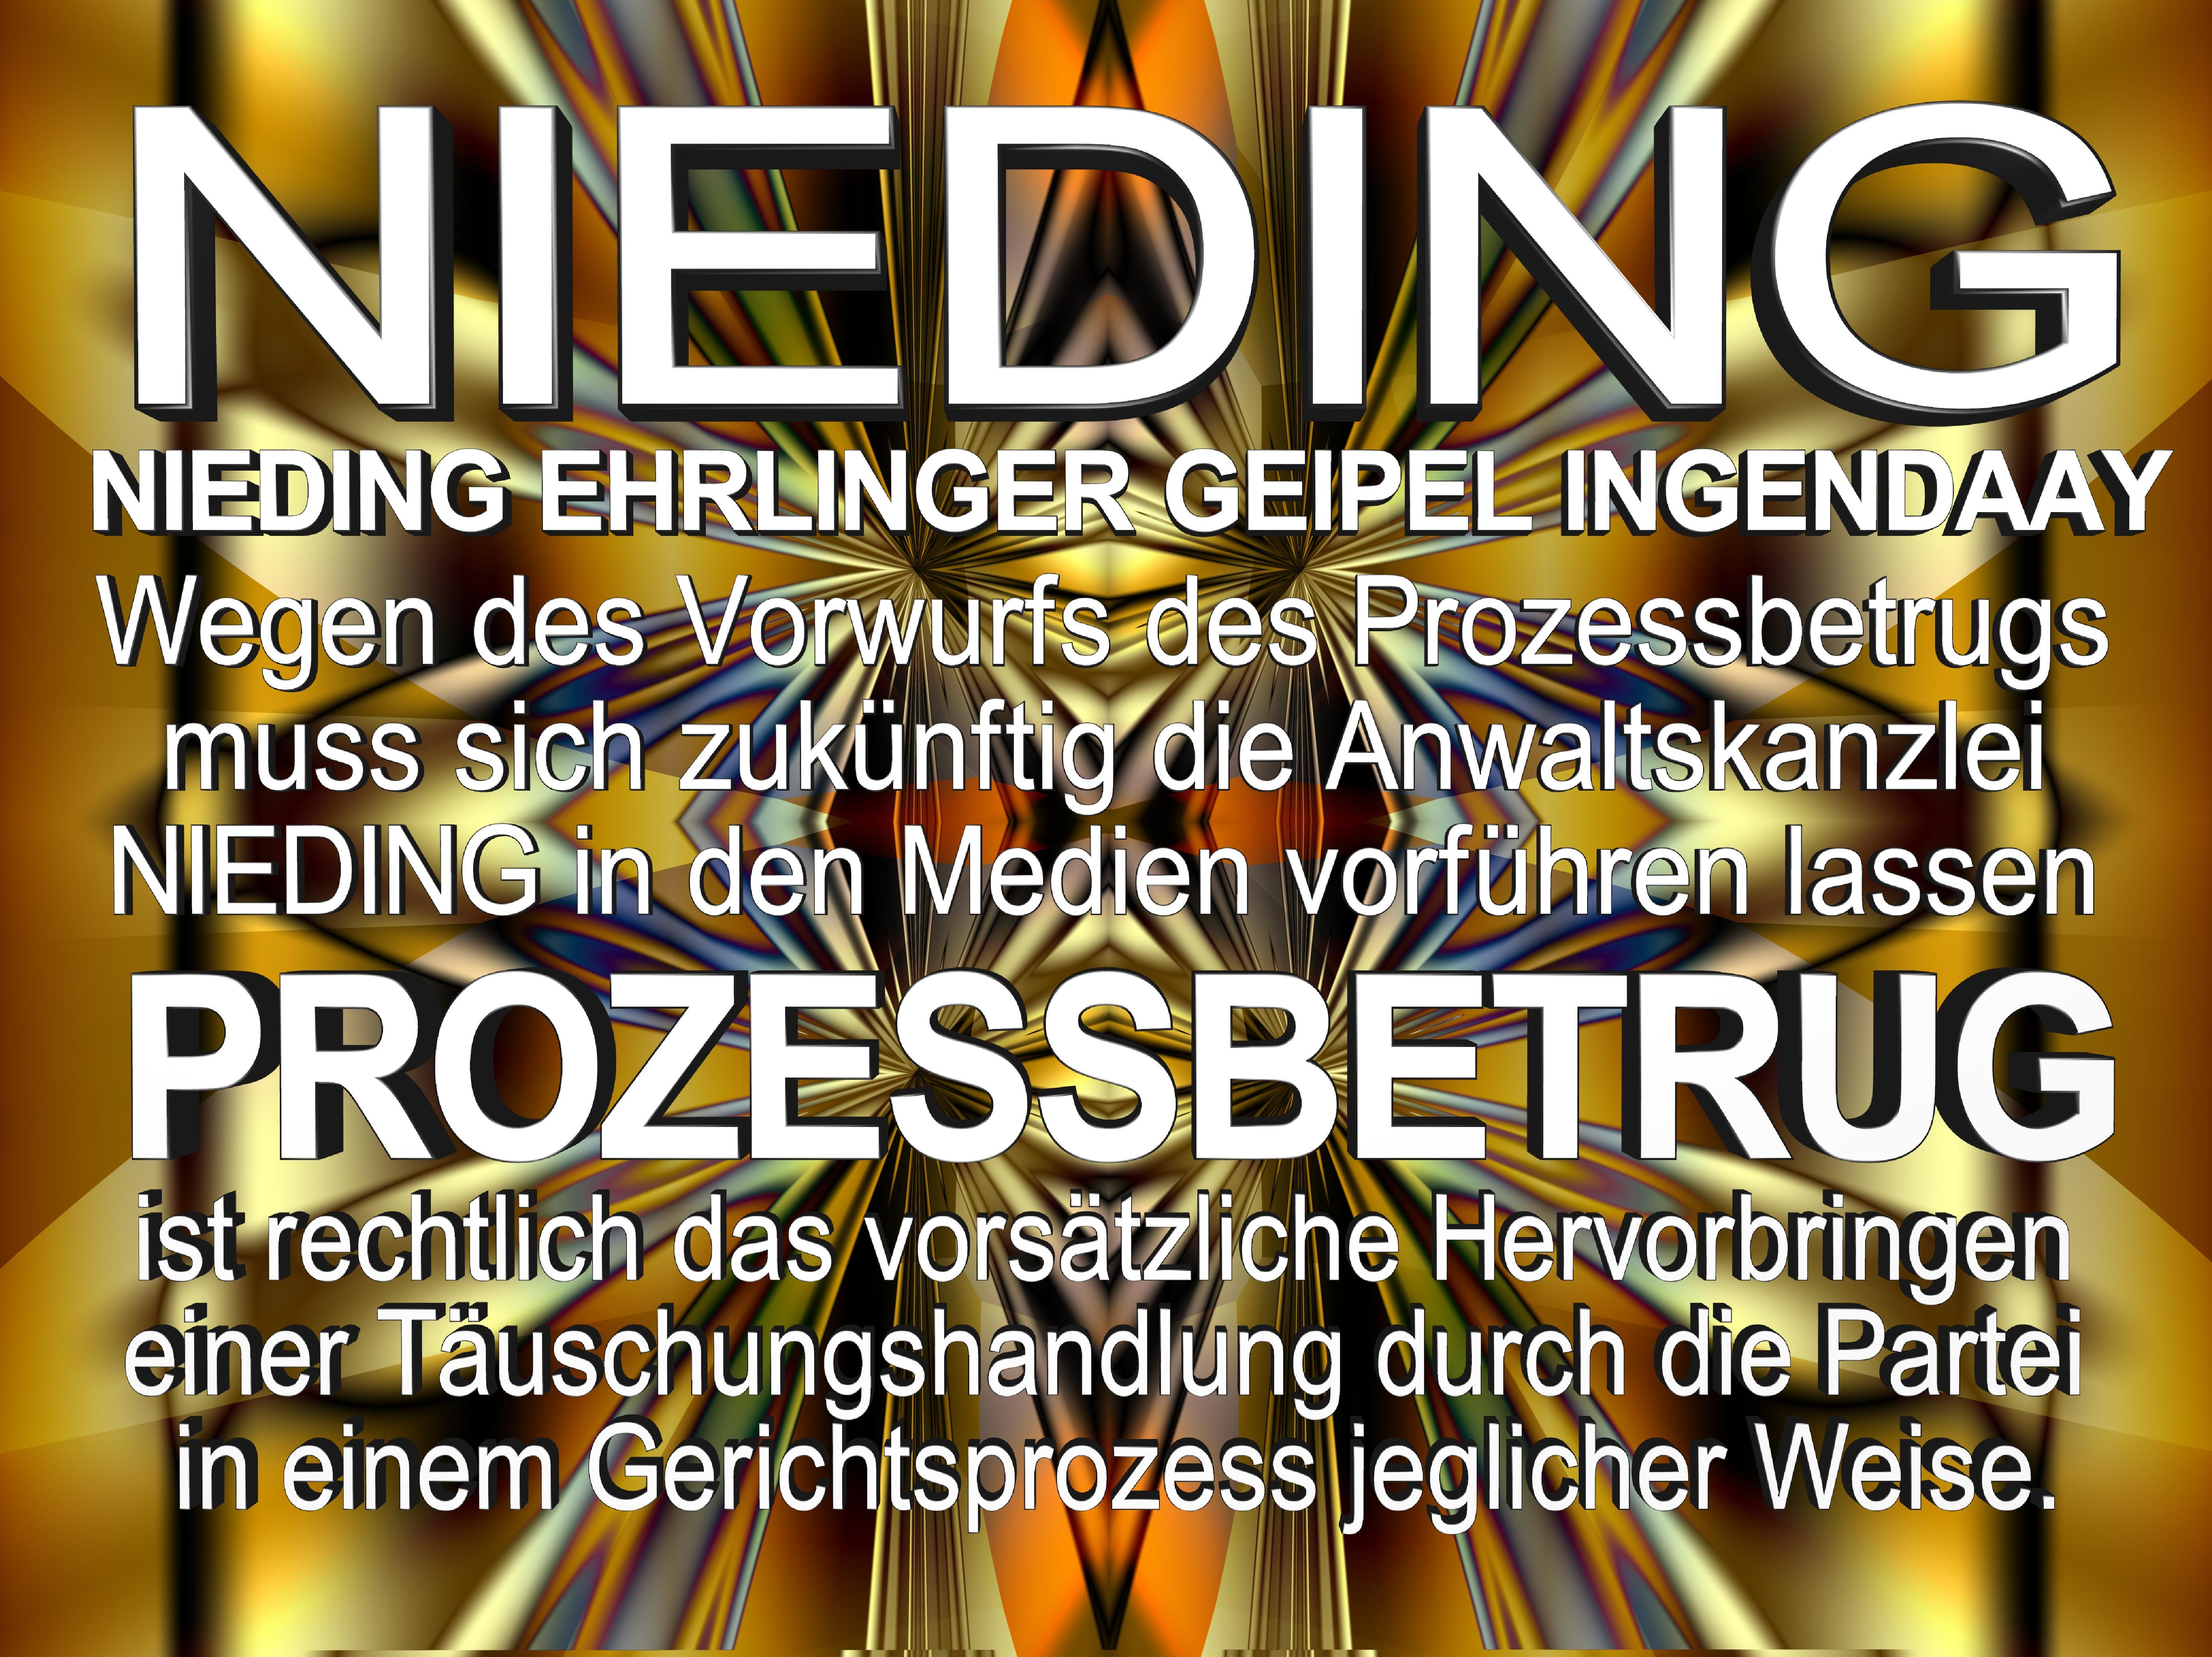 NIEDING EHRLINGER GEIPEL INGENDAAY LELKE Kurfürstendamm 66 Berlin (165)